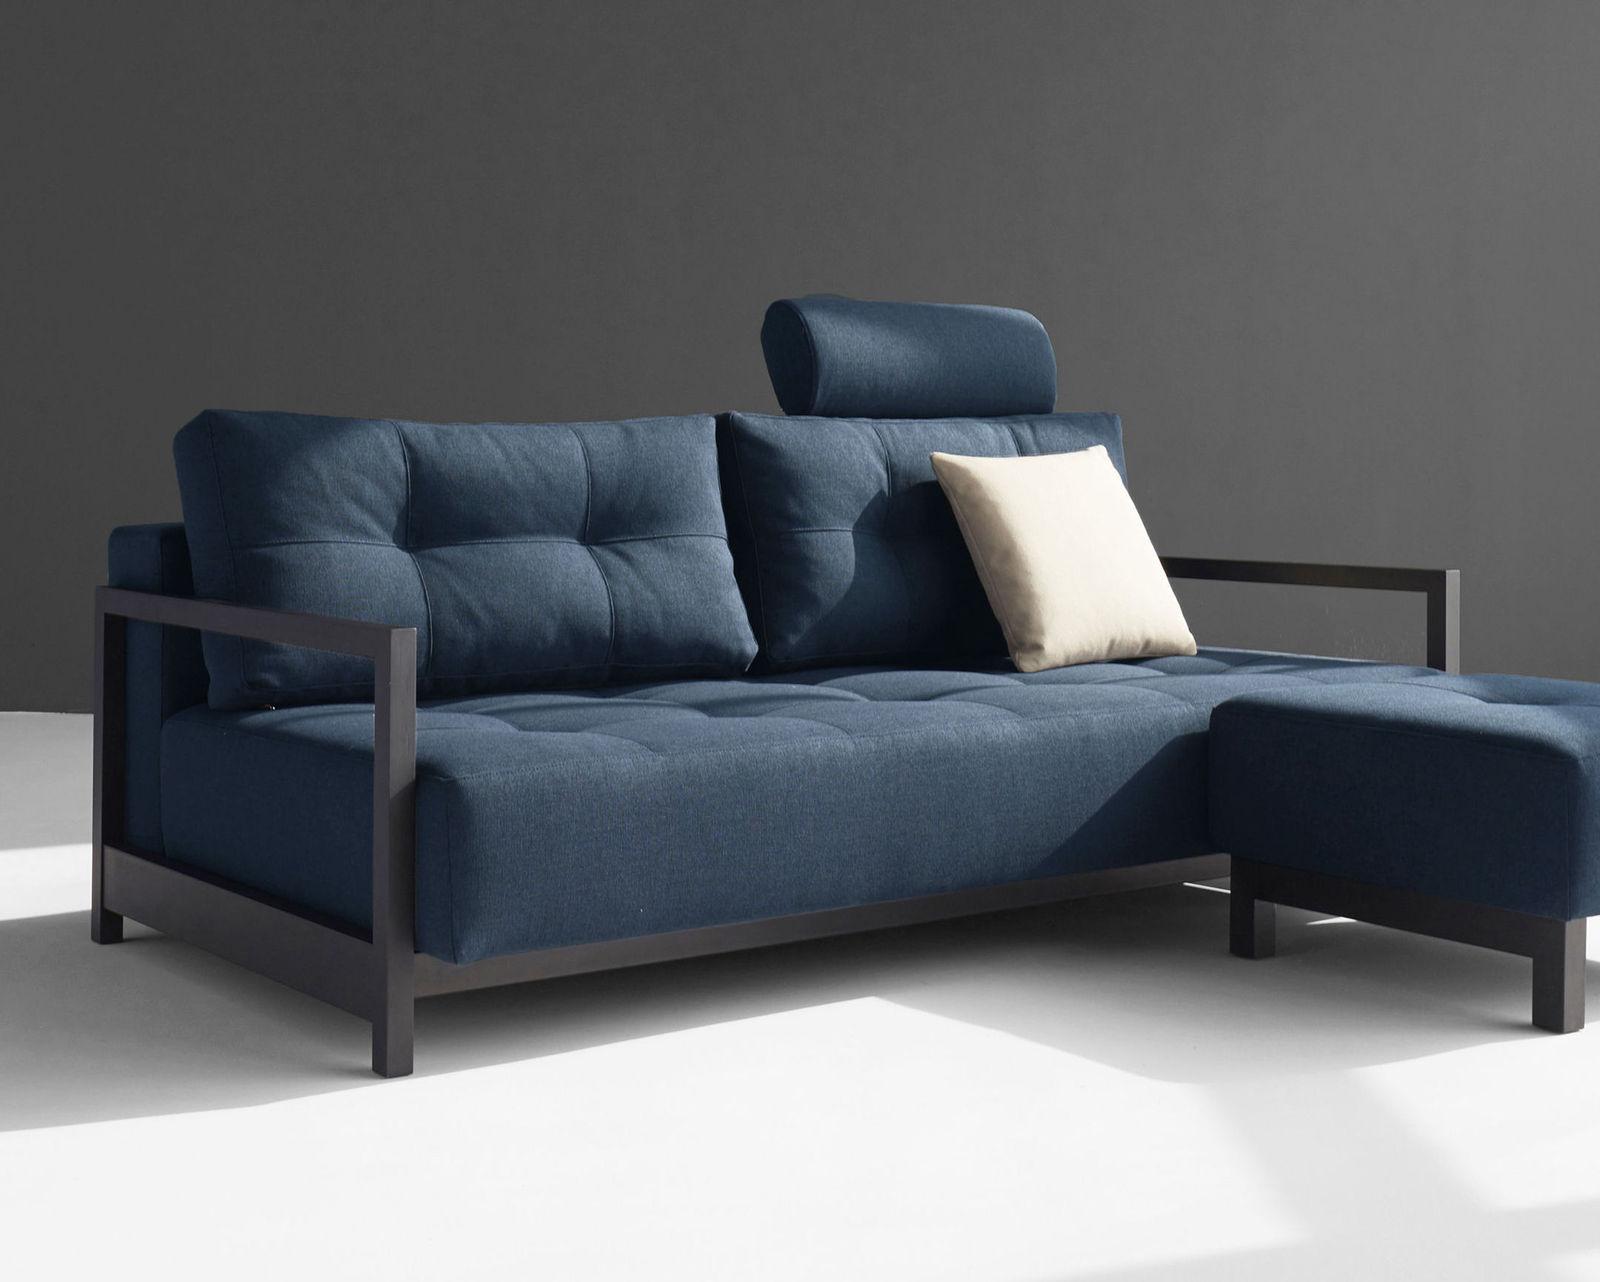 sofa zum schlafen luxus schlaf sofa ikea with sofa zum schlafen gallery of with sofa zum. Black Bedroom Furniture Sets. Home Design Ideas